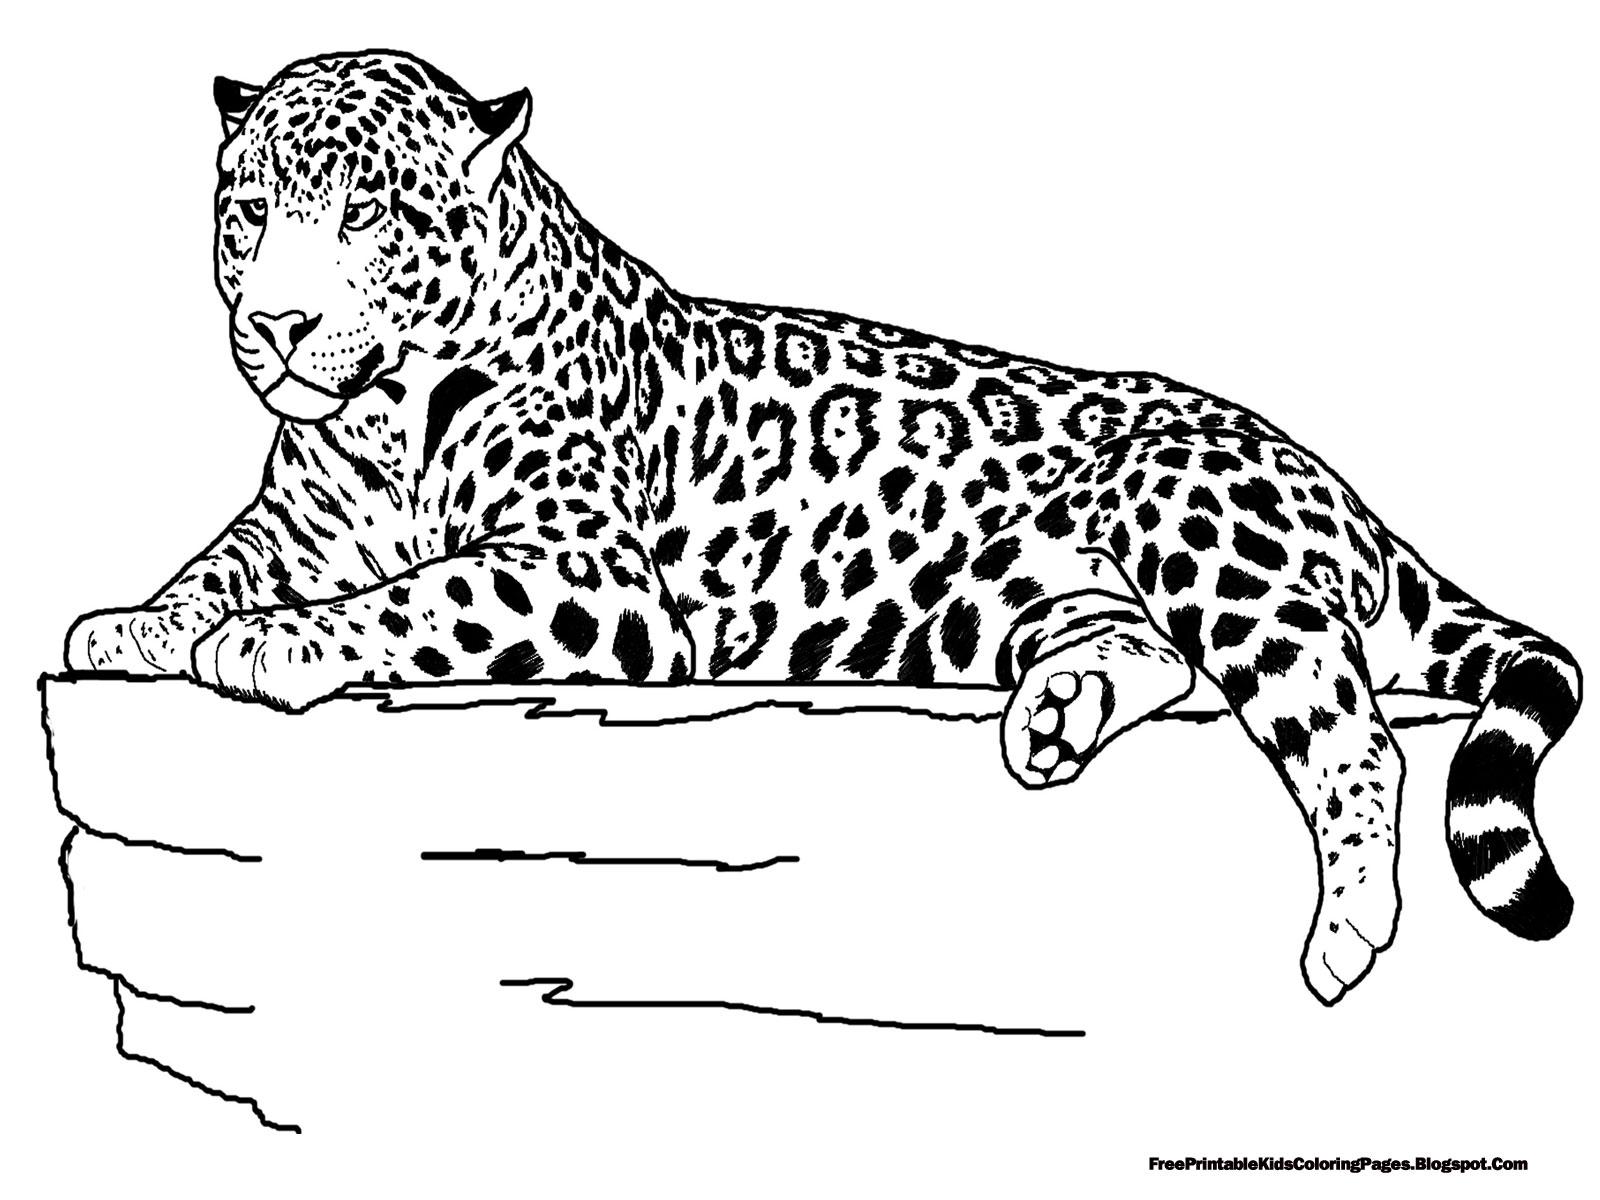 Cheetah Running Drawing At GetDrawings